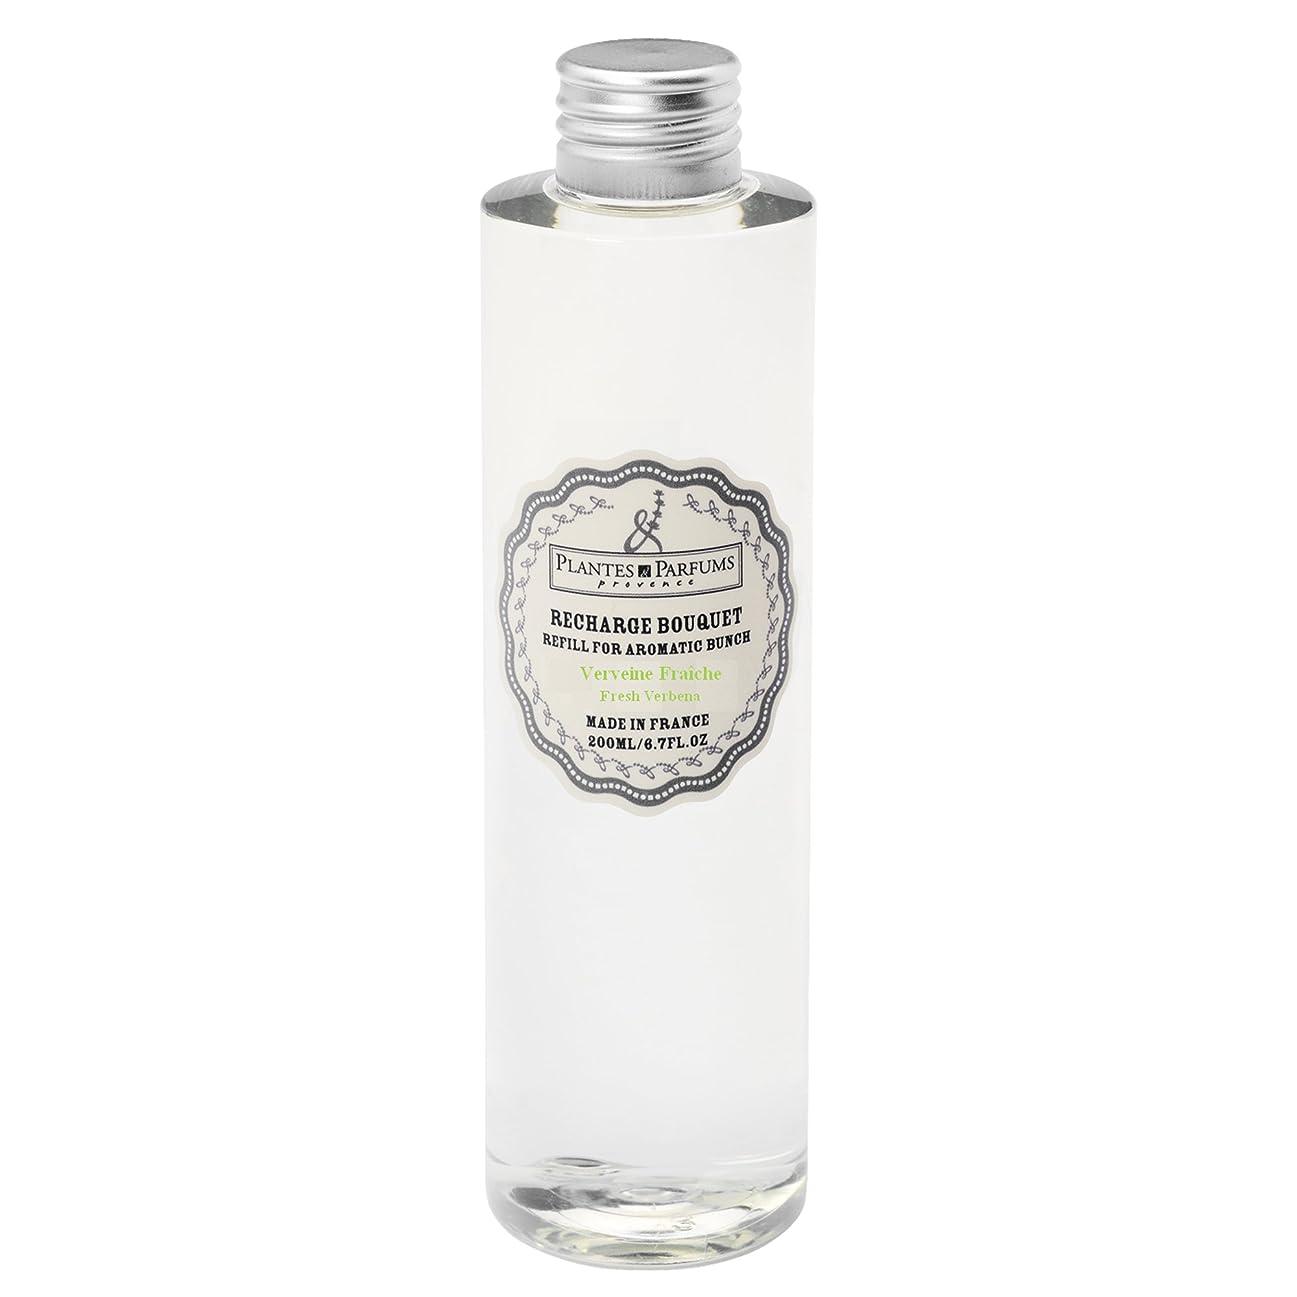 パフテーブルチラチラするplantes parfums ディフューザーレフィル フレッシュバーベナ